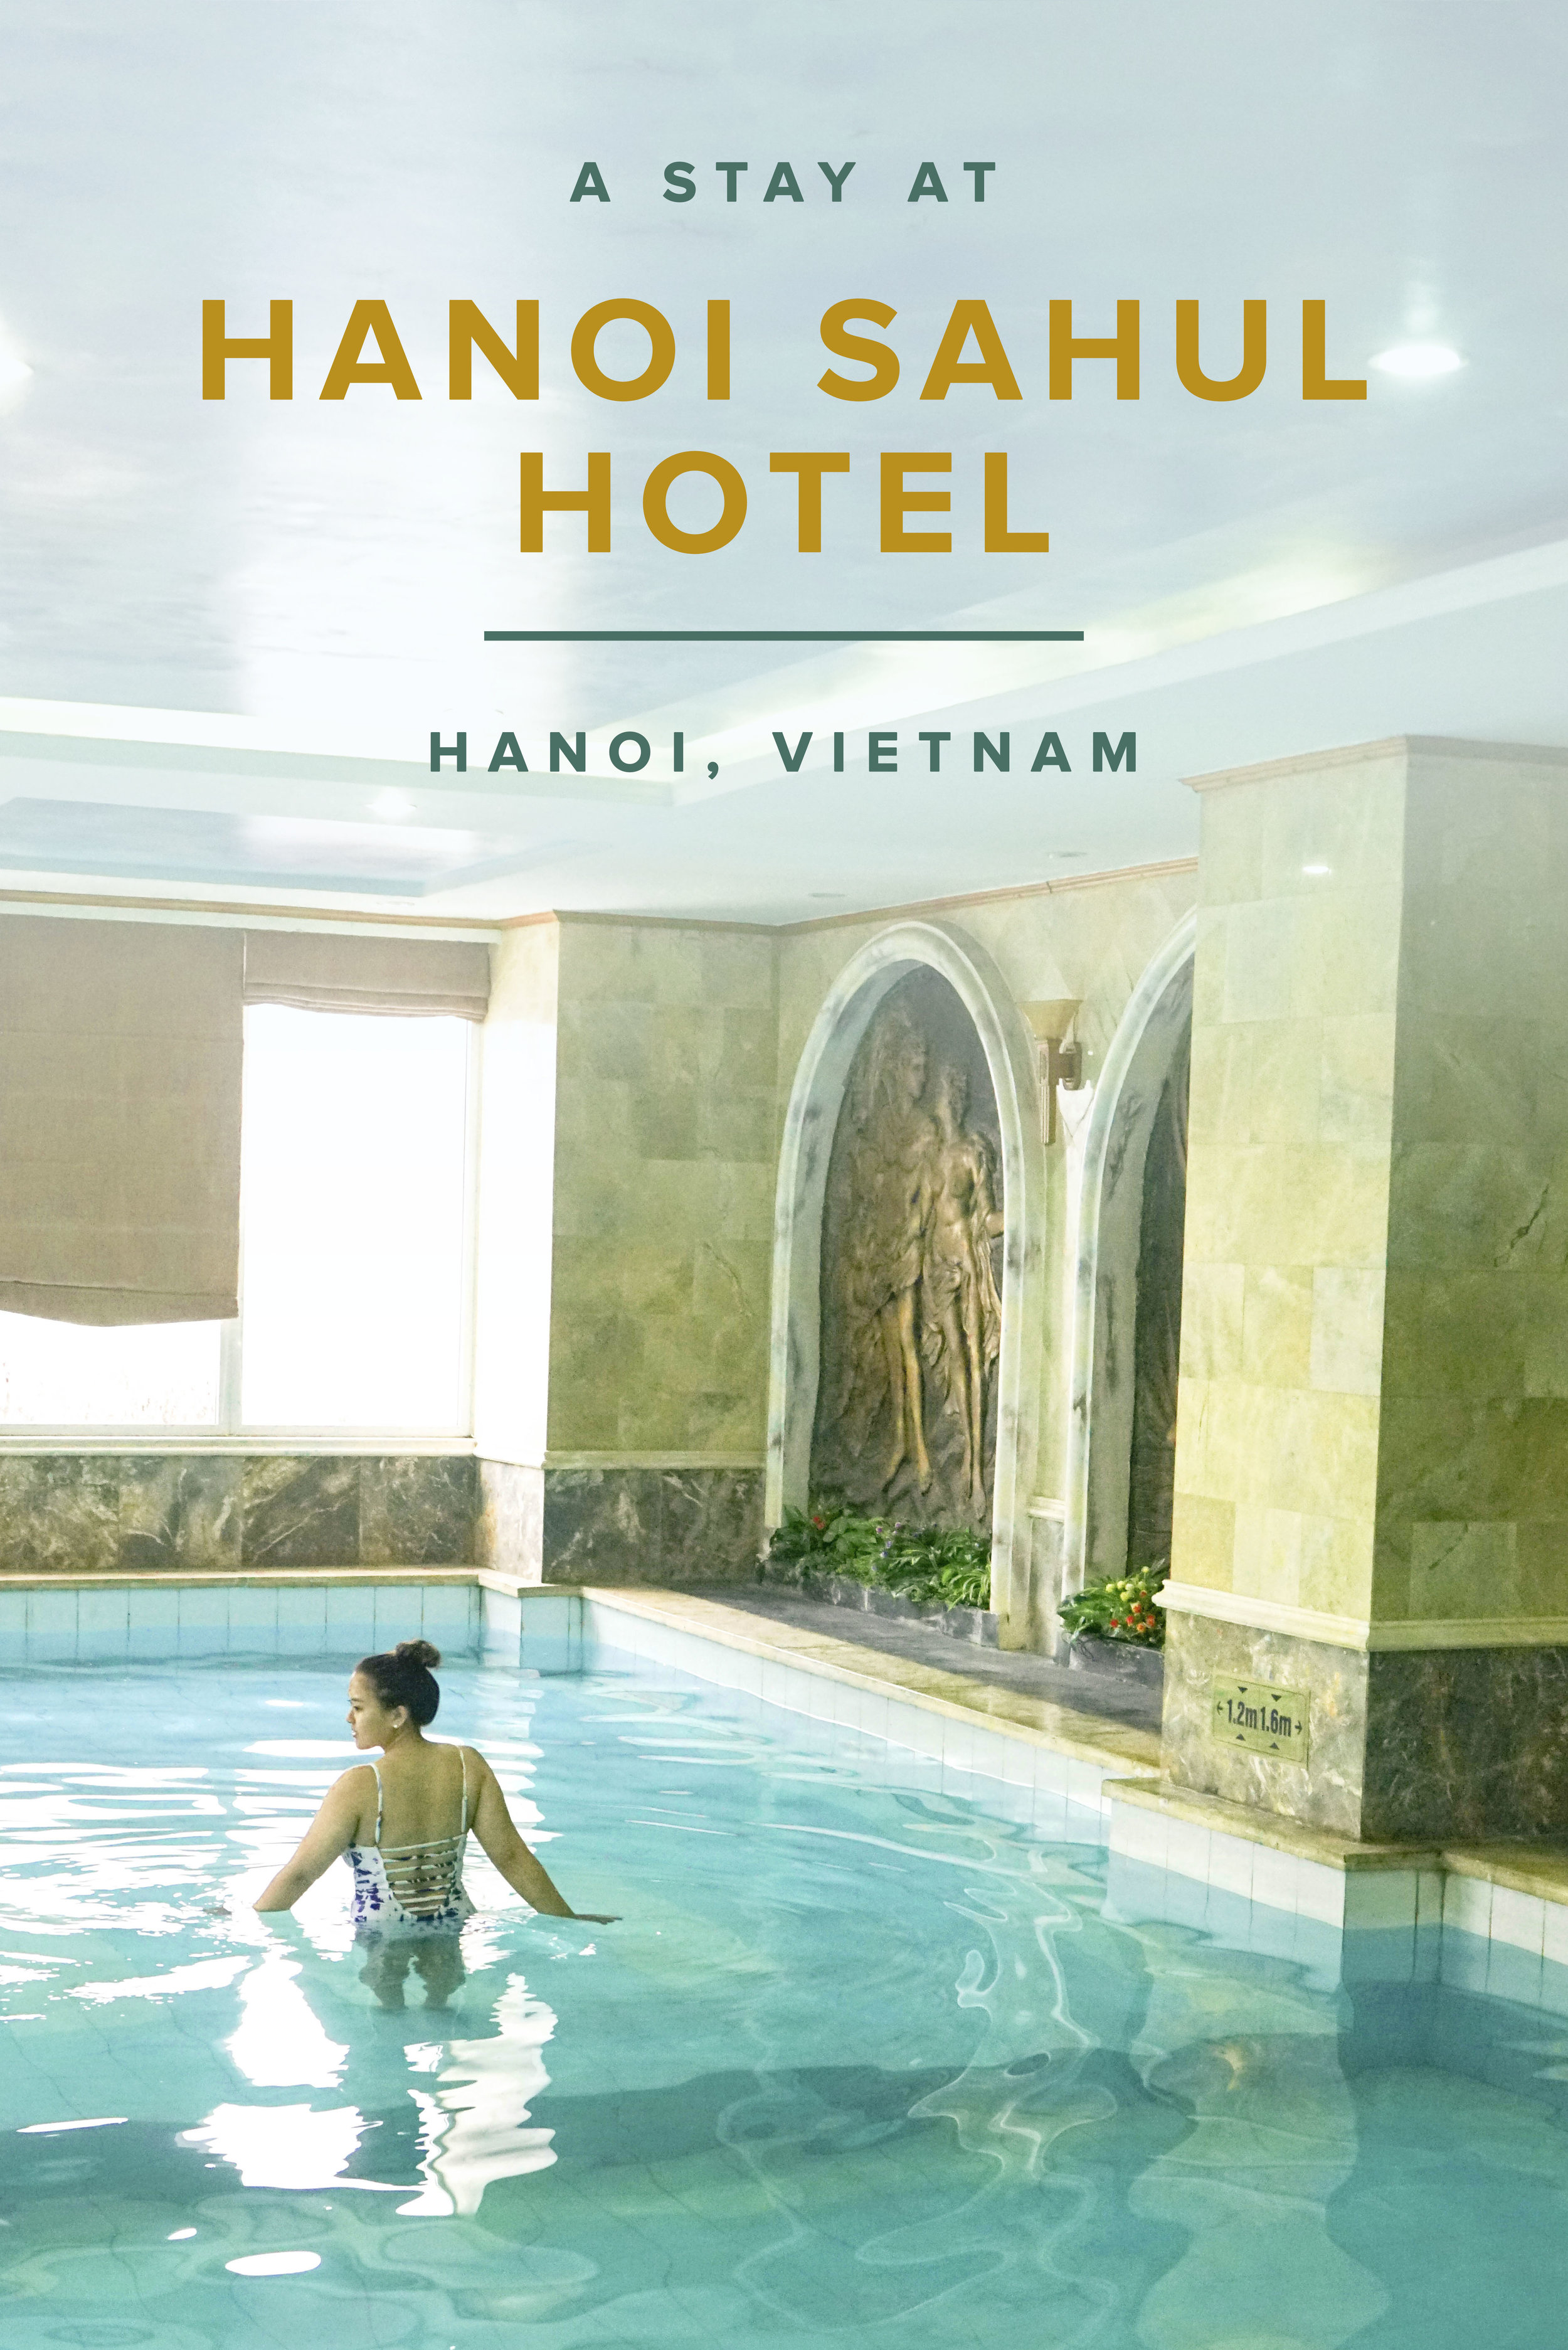 Hotel Hanoi Sahul   Vietnam